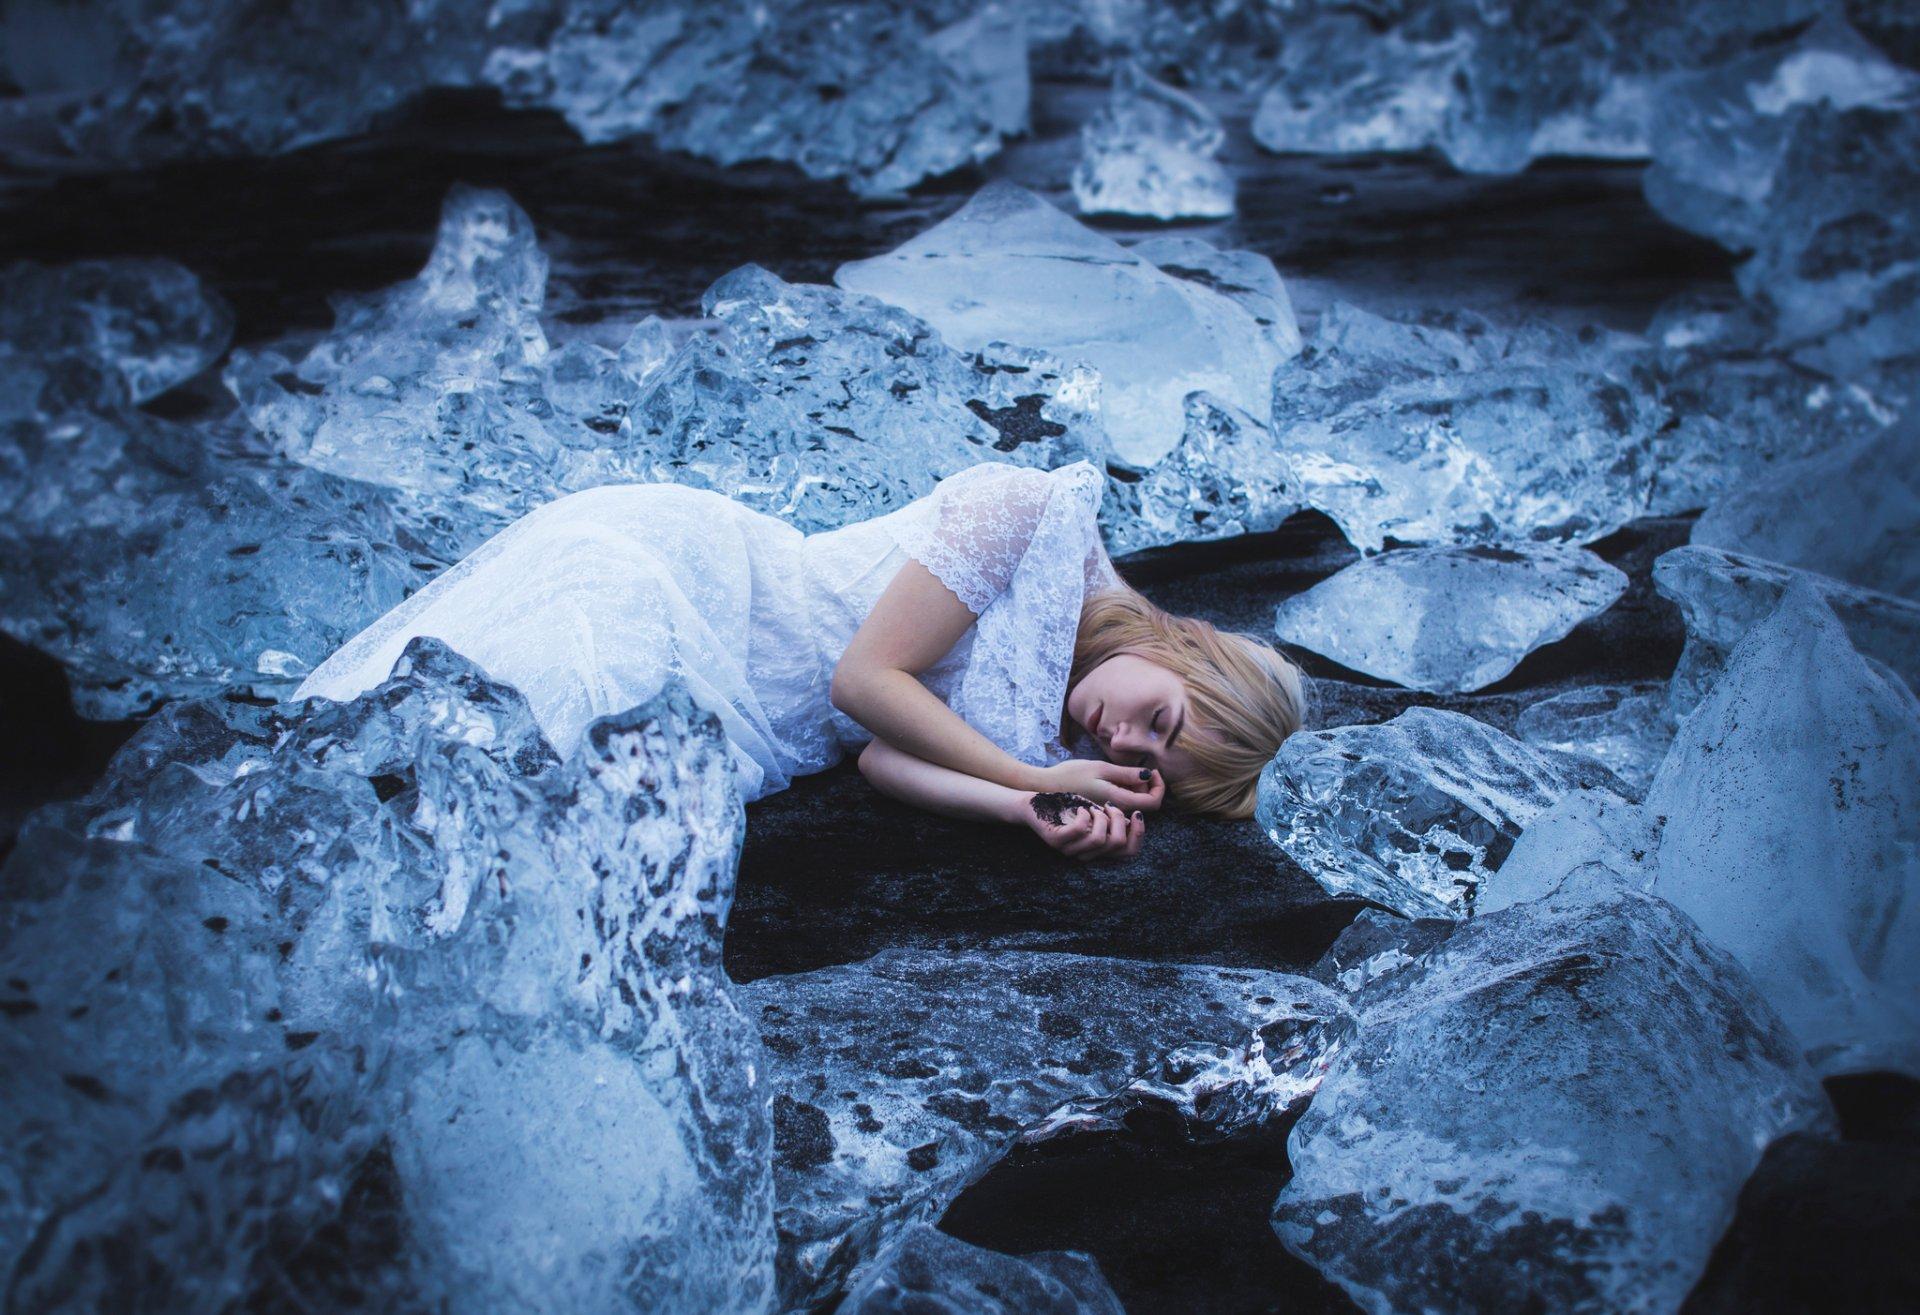 фотографировать во сне природу к чему наше